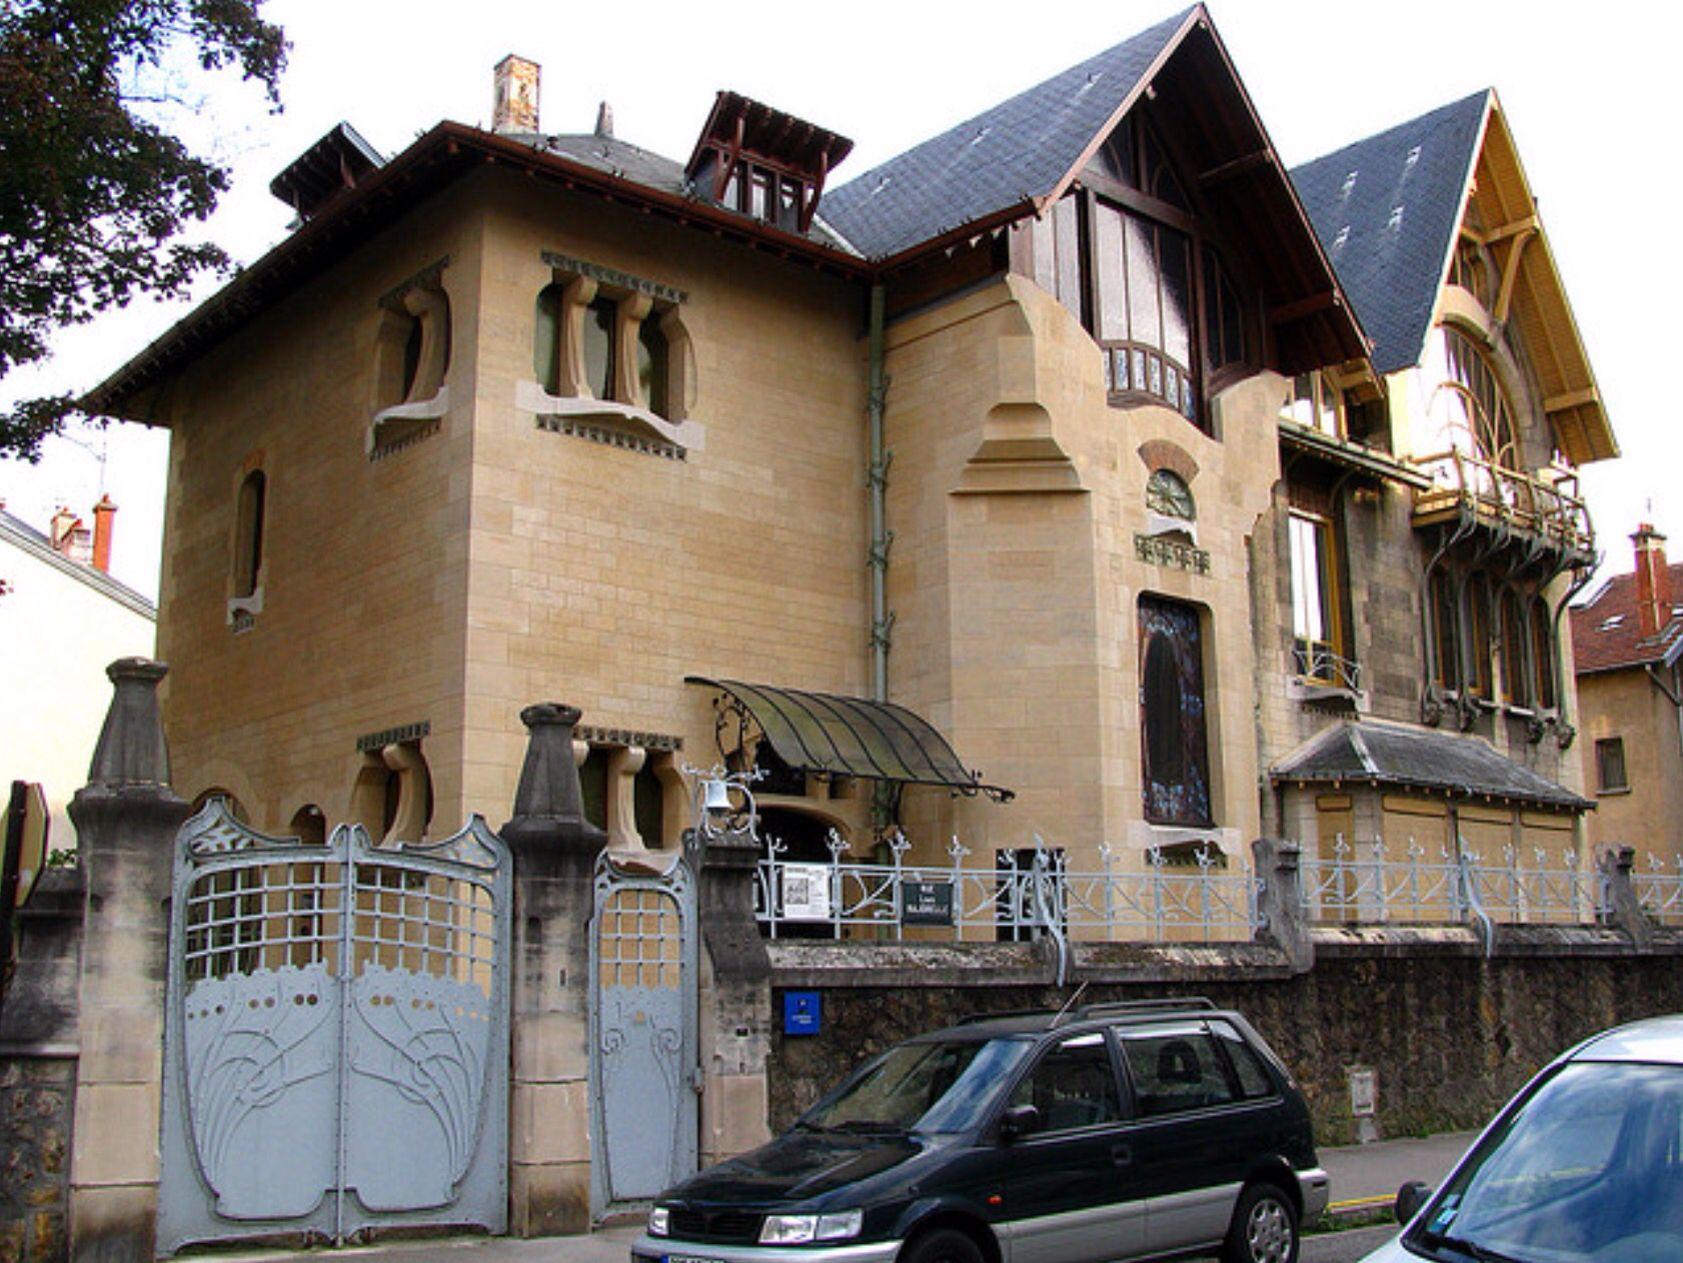 The Villa Majorelle (1901-1902) Nancy, France / architectes: Henri Sauvage avec Lucien Weissenburger / http://www.flickriver.com/photos/18857561@N06/2861026710/